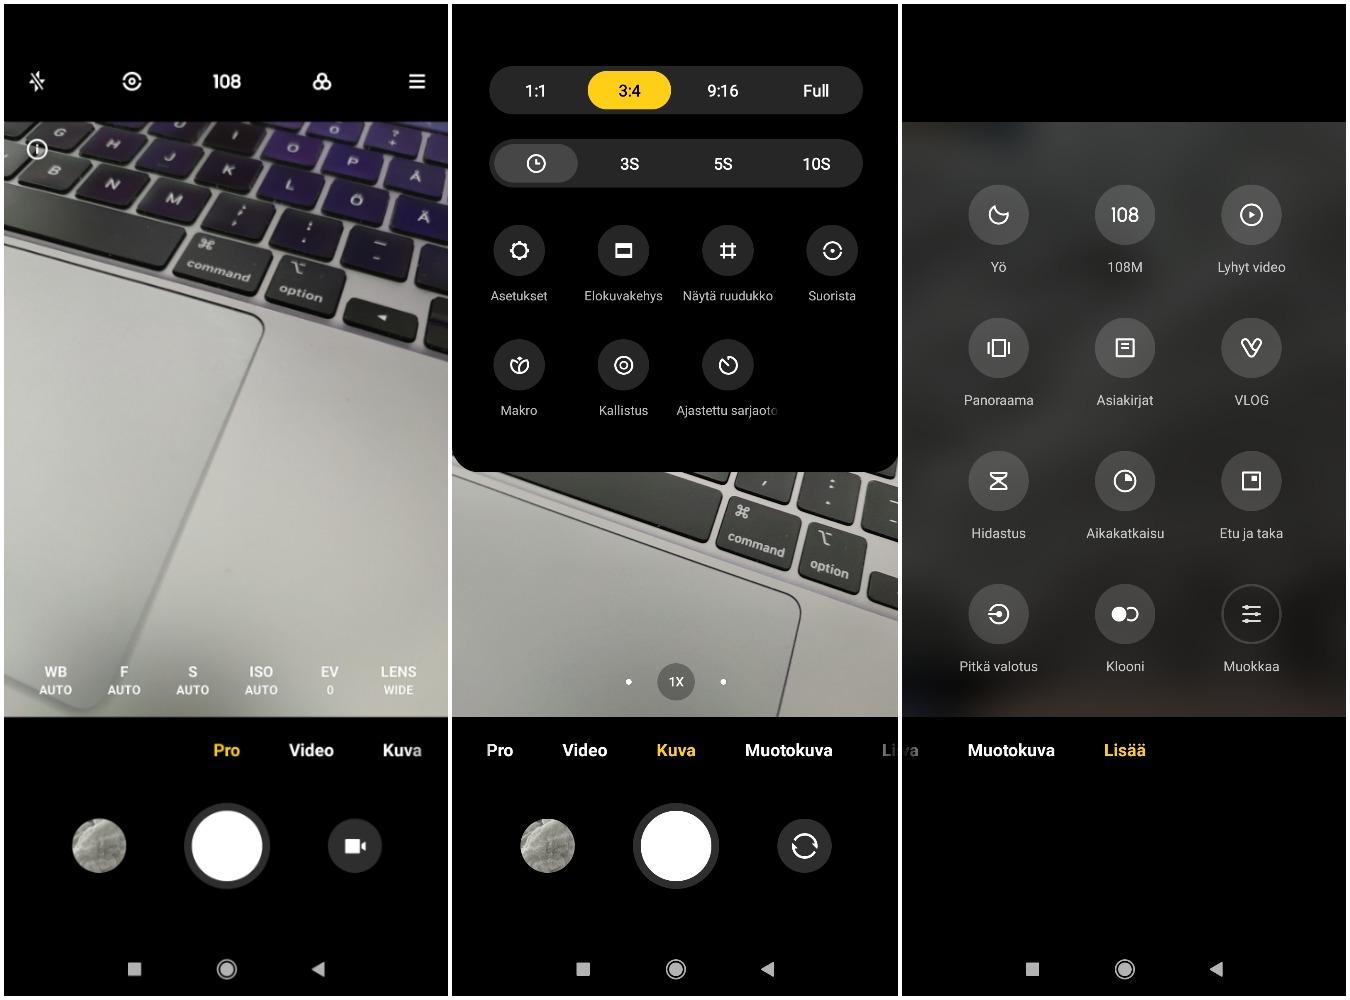 Mi 10T Pron kamerasovelluksessa on tarjolla todella kattavasti erilaisia kuvaustiloja ja -asetuksia.